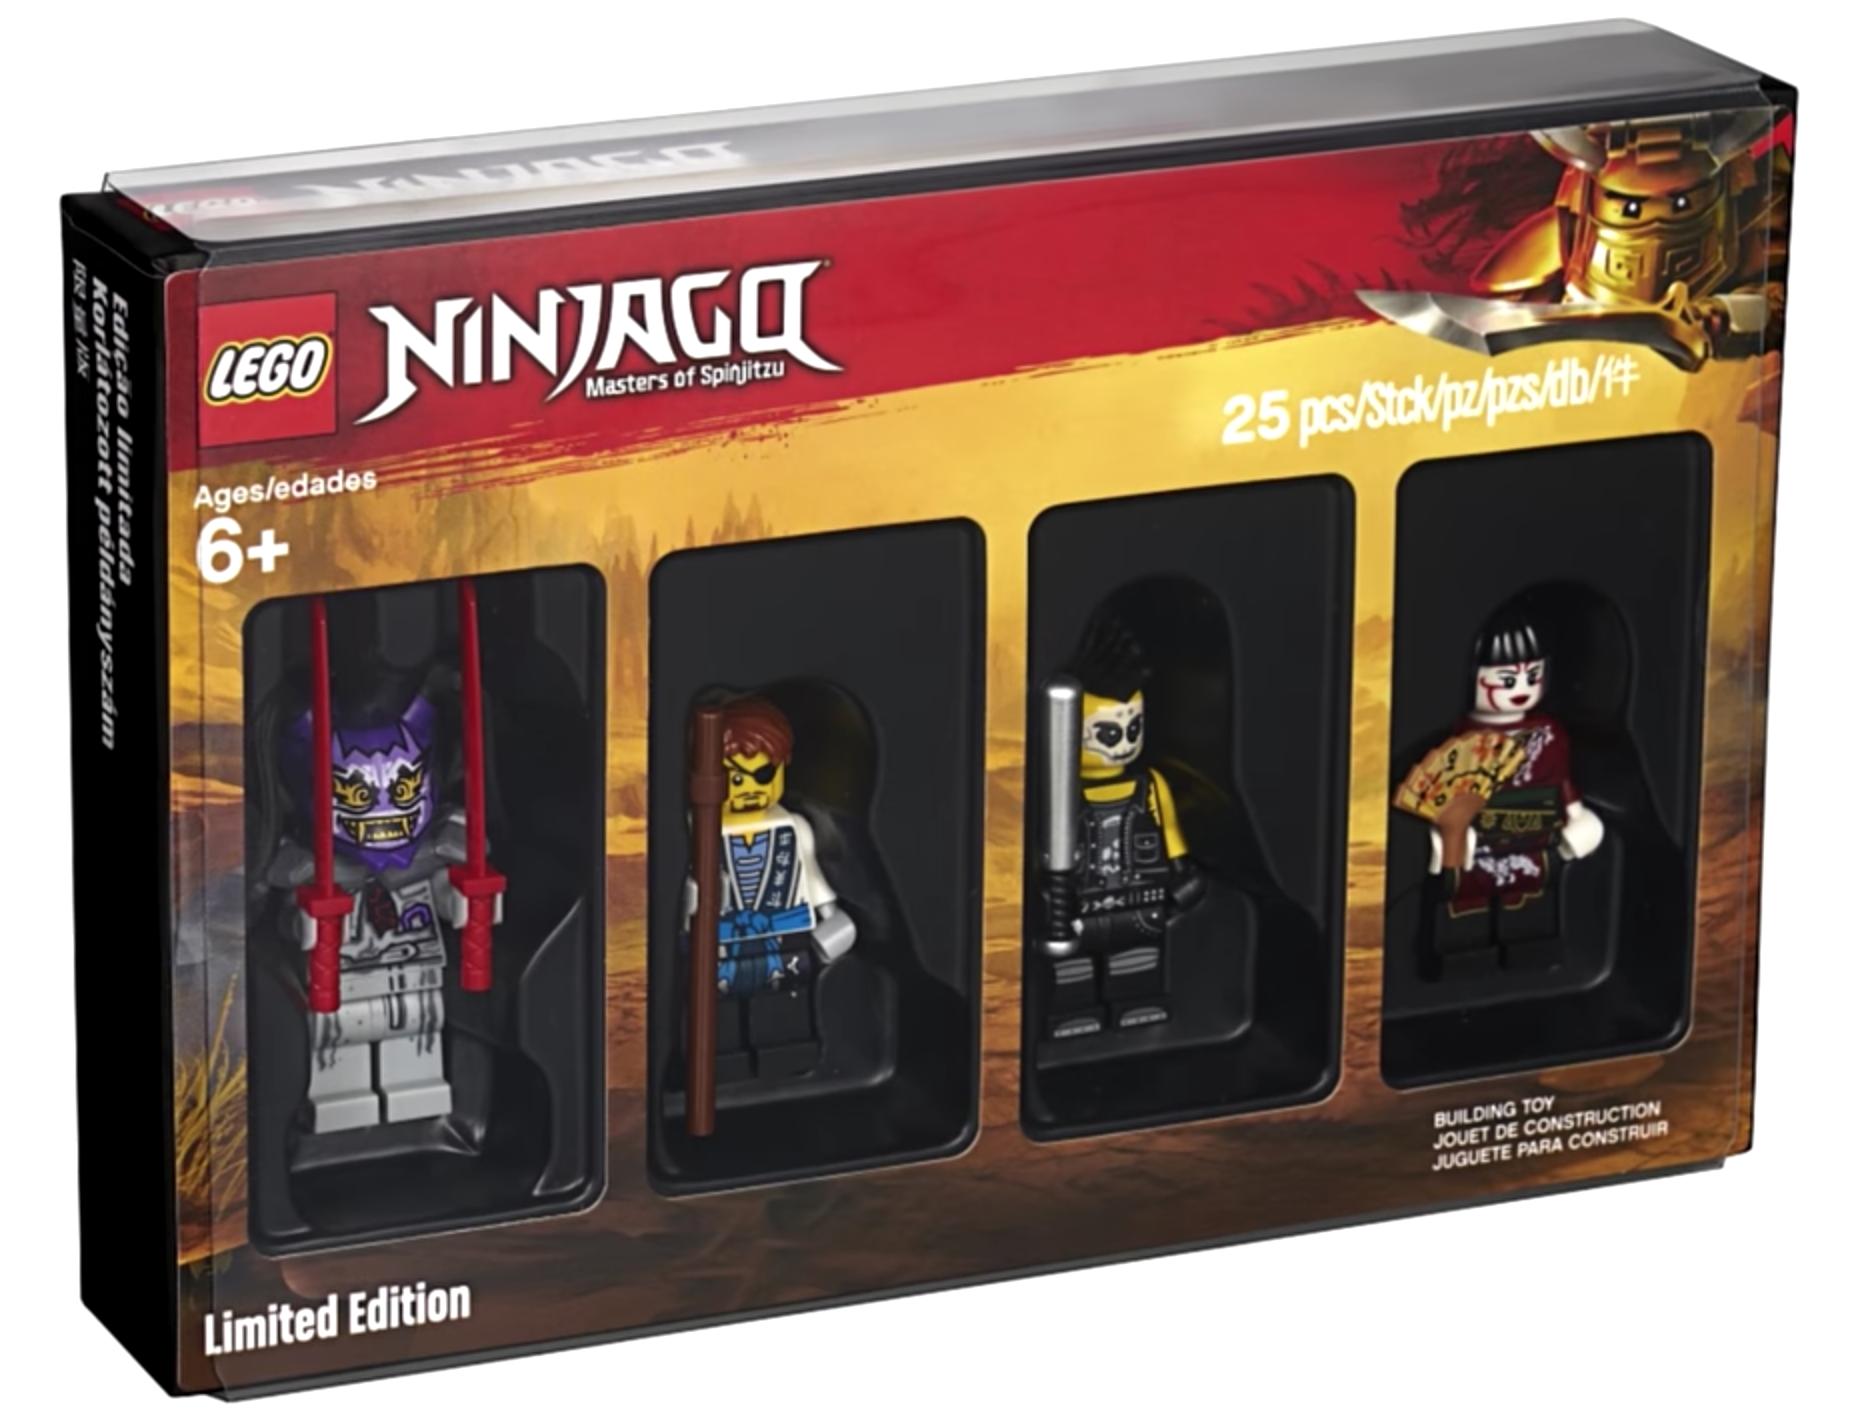 LEGO Ninjago Cole Limited Edition Minifigure Polybag NEW